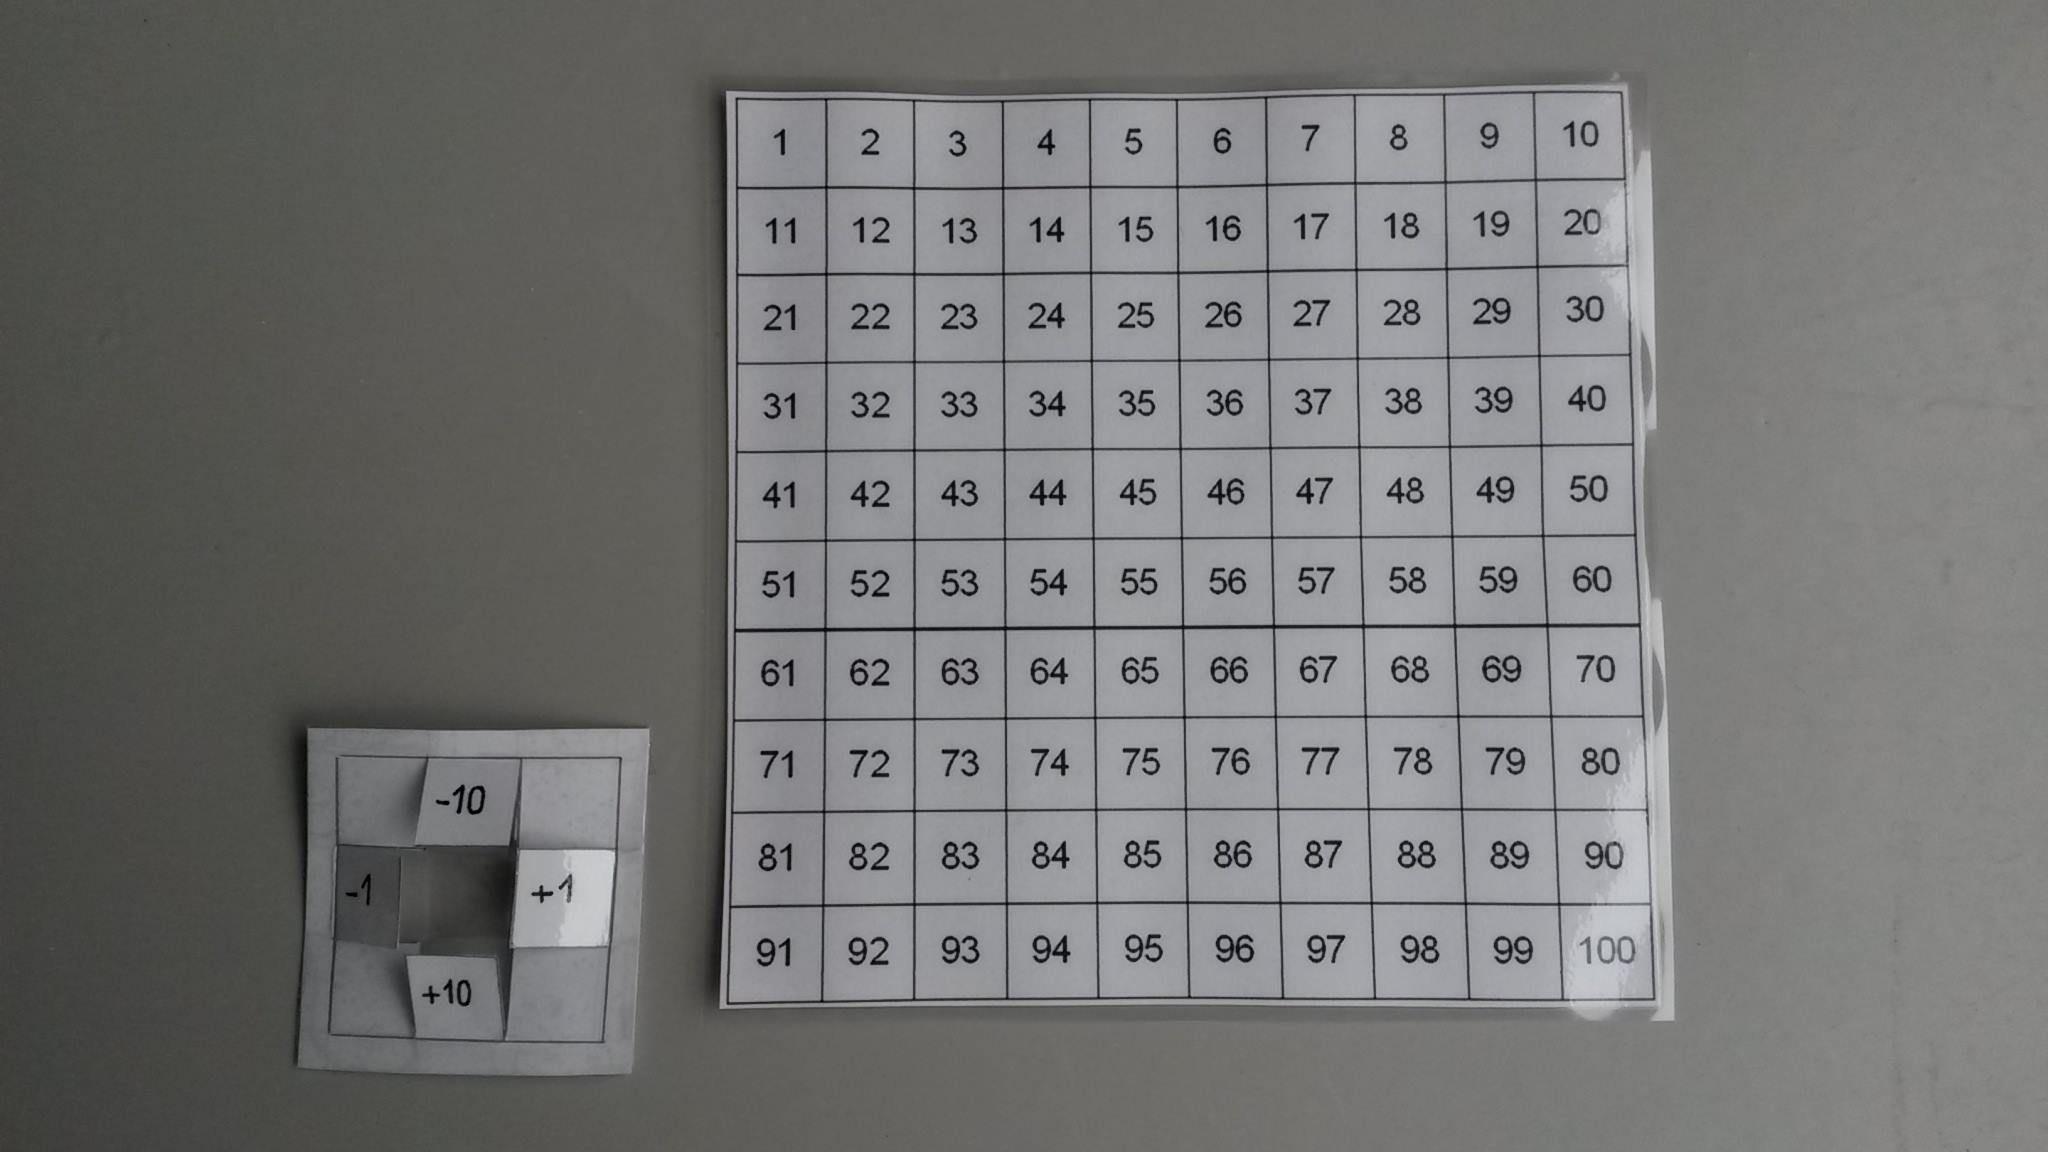 Entraînement au calcul avec un cache à poser sur la grille et vérification immédiate ( + 1 ; - 1 ; + 10 ; - 10)